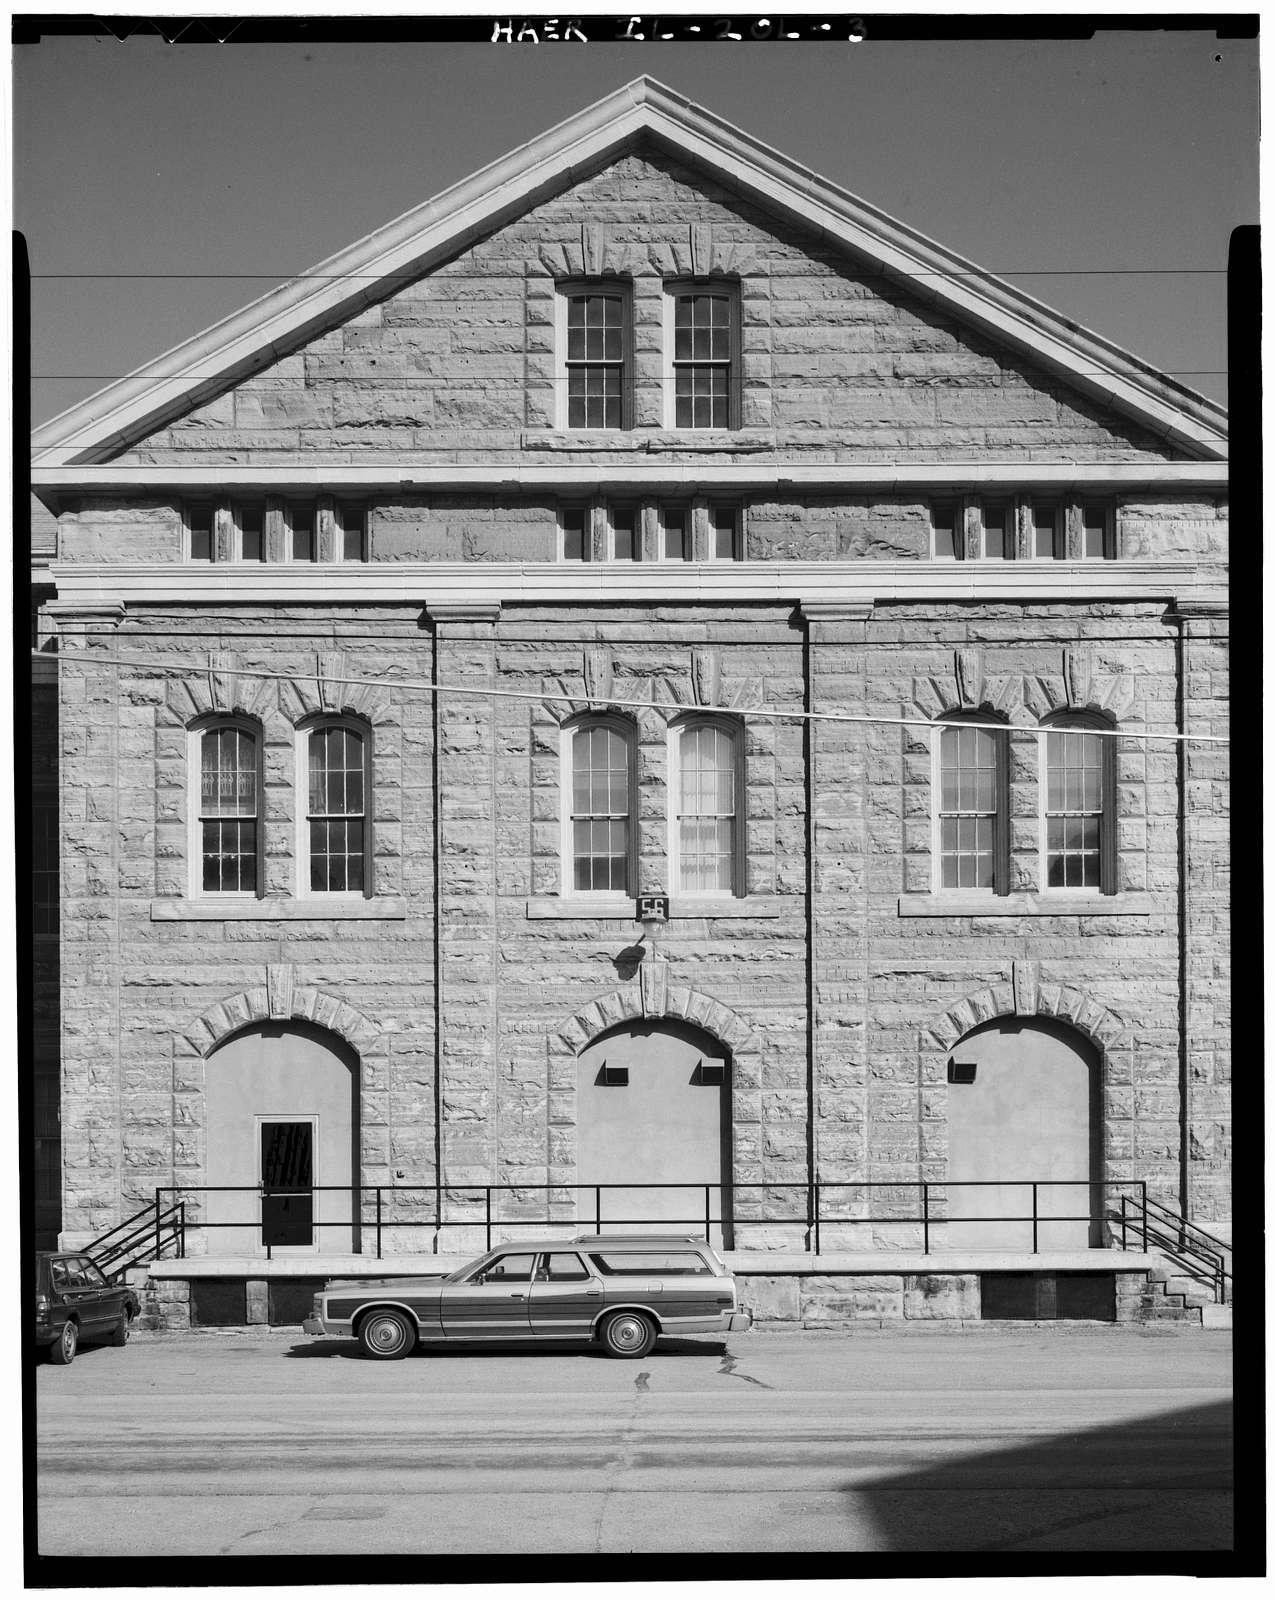 Rock Island Arsenal, Building No. 56, North Avenue & East Avenue, Rock Island, Rock Island County, IL